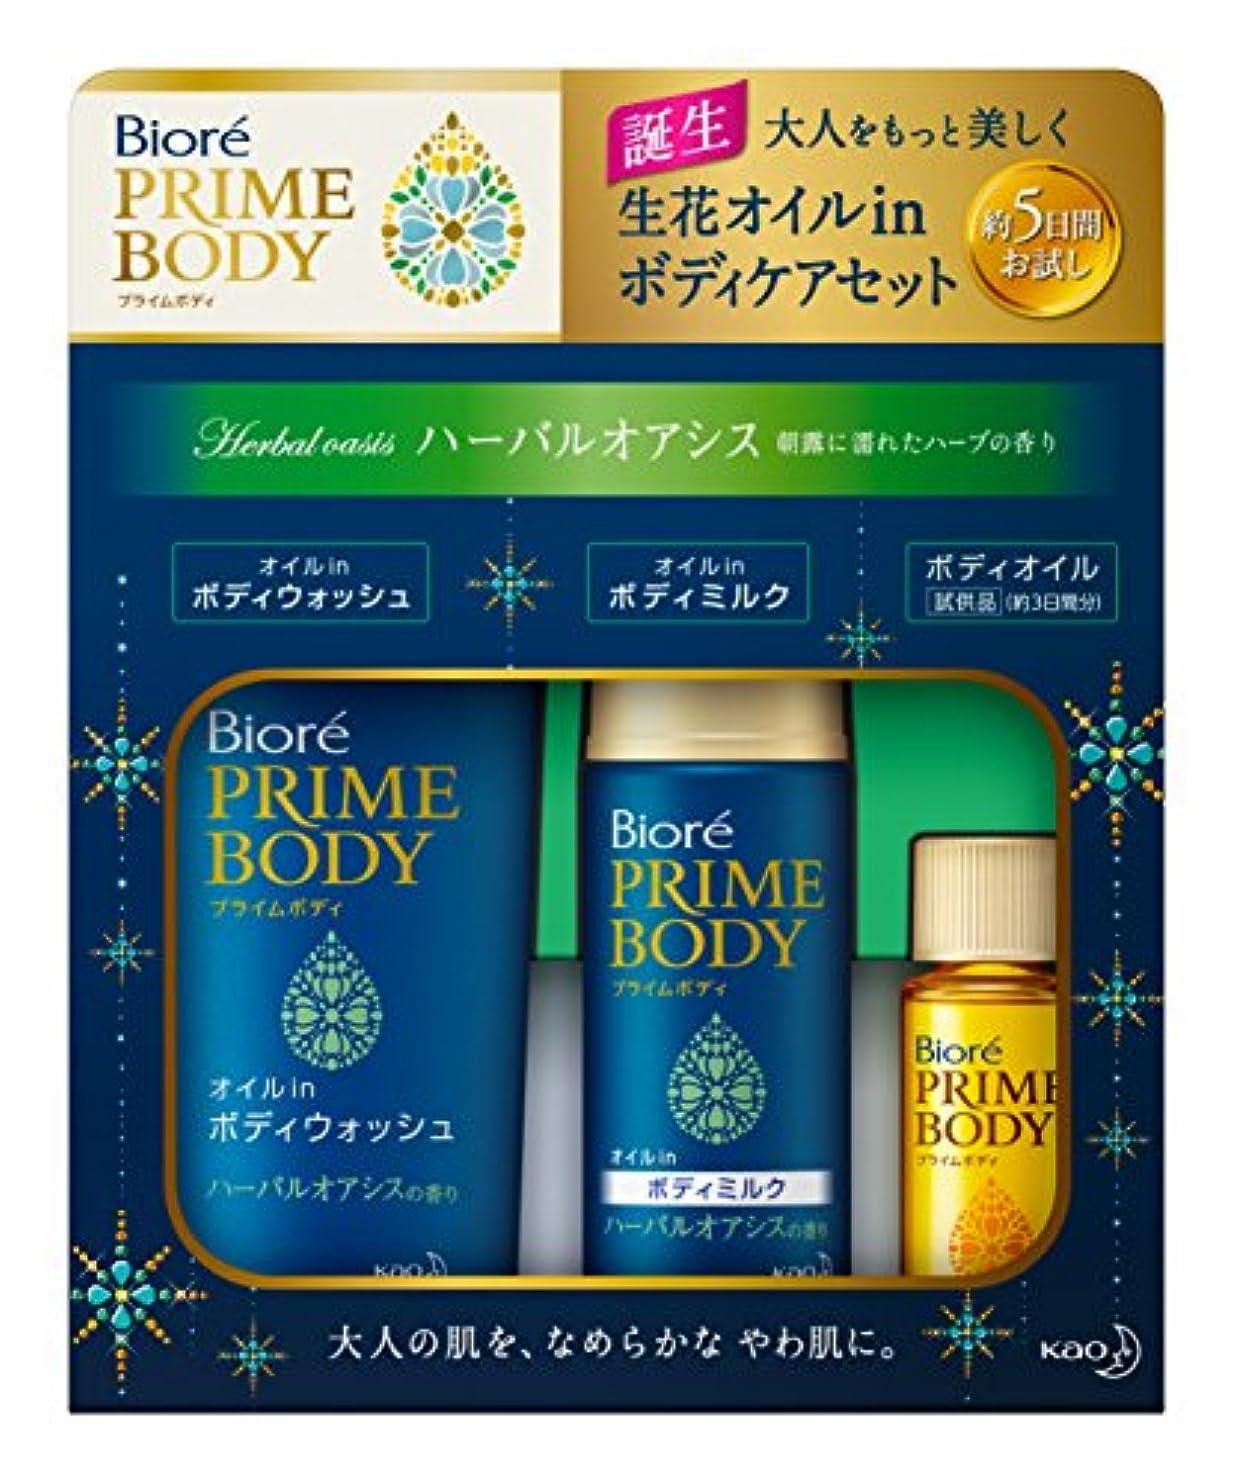 中絶できた体系的にビオレ プライムボディ 5日間お試しセット ハーバルオアシスの香り 83ml